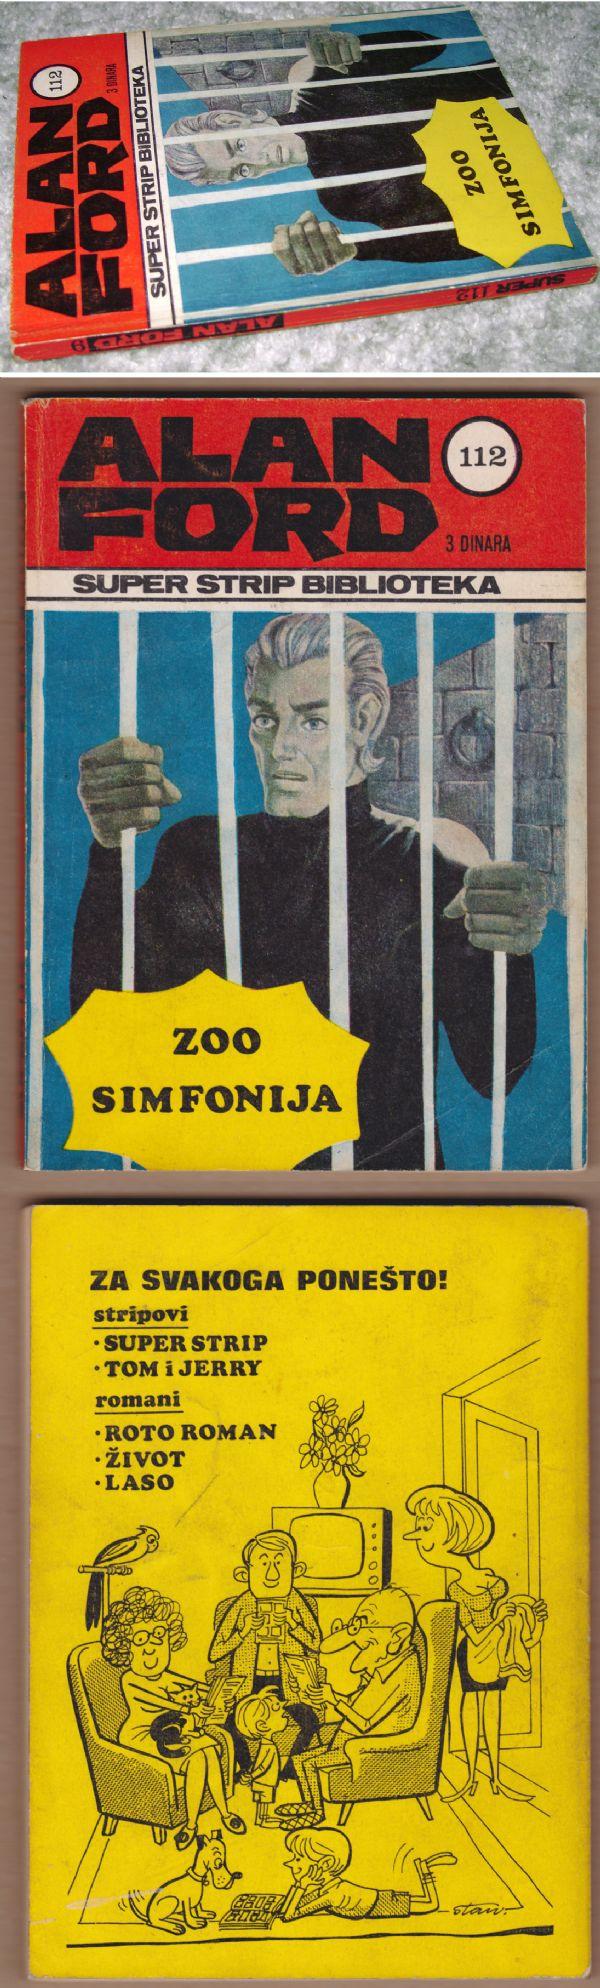 ALAN FORD #9. ZOO SIMFONIJA (SUPER STRIP BIBLIOTEKA #112)